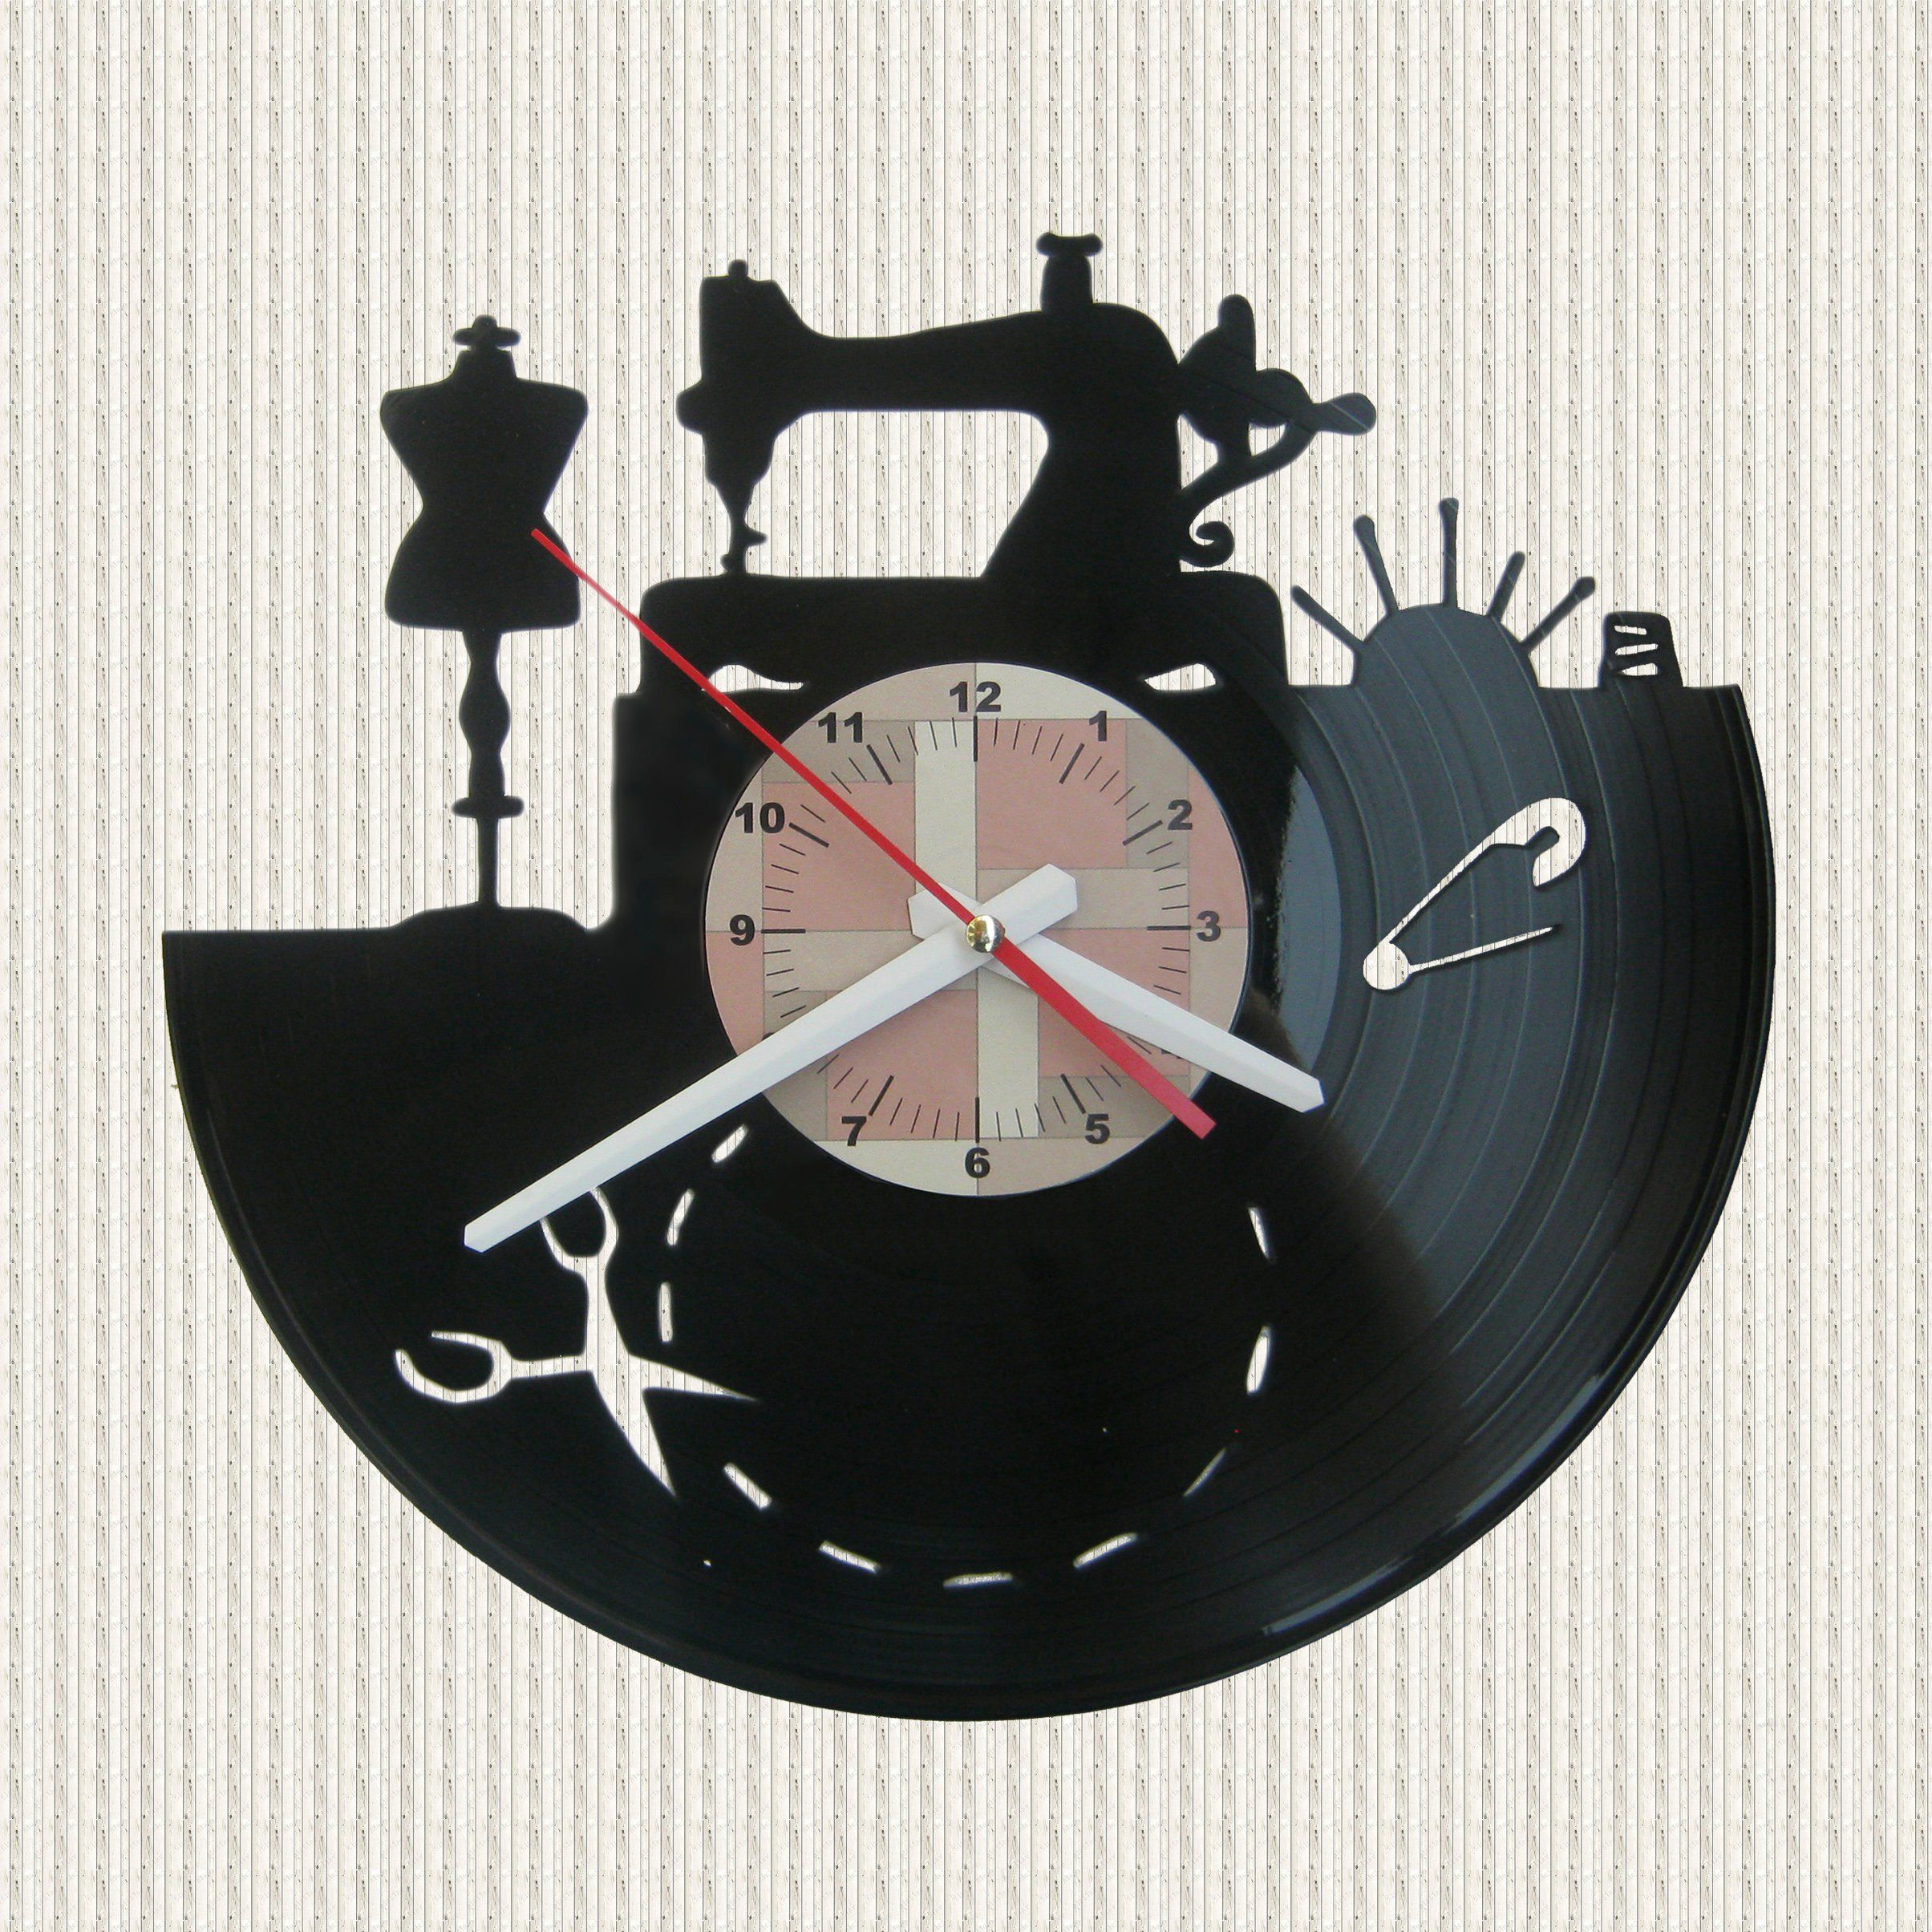 Sewing Wall Clock Sewing Machine Vinyl Wall Clock Sewing Room Wall Art Sewing Machine Wall Art Clock Wall Clock Room Wall Art